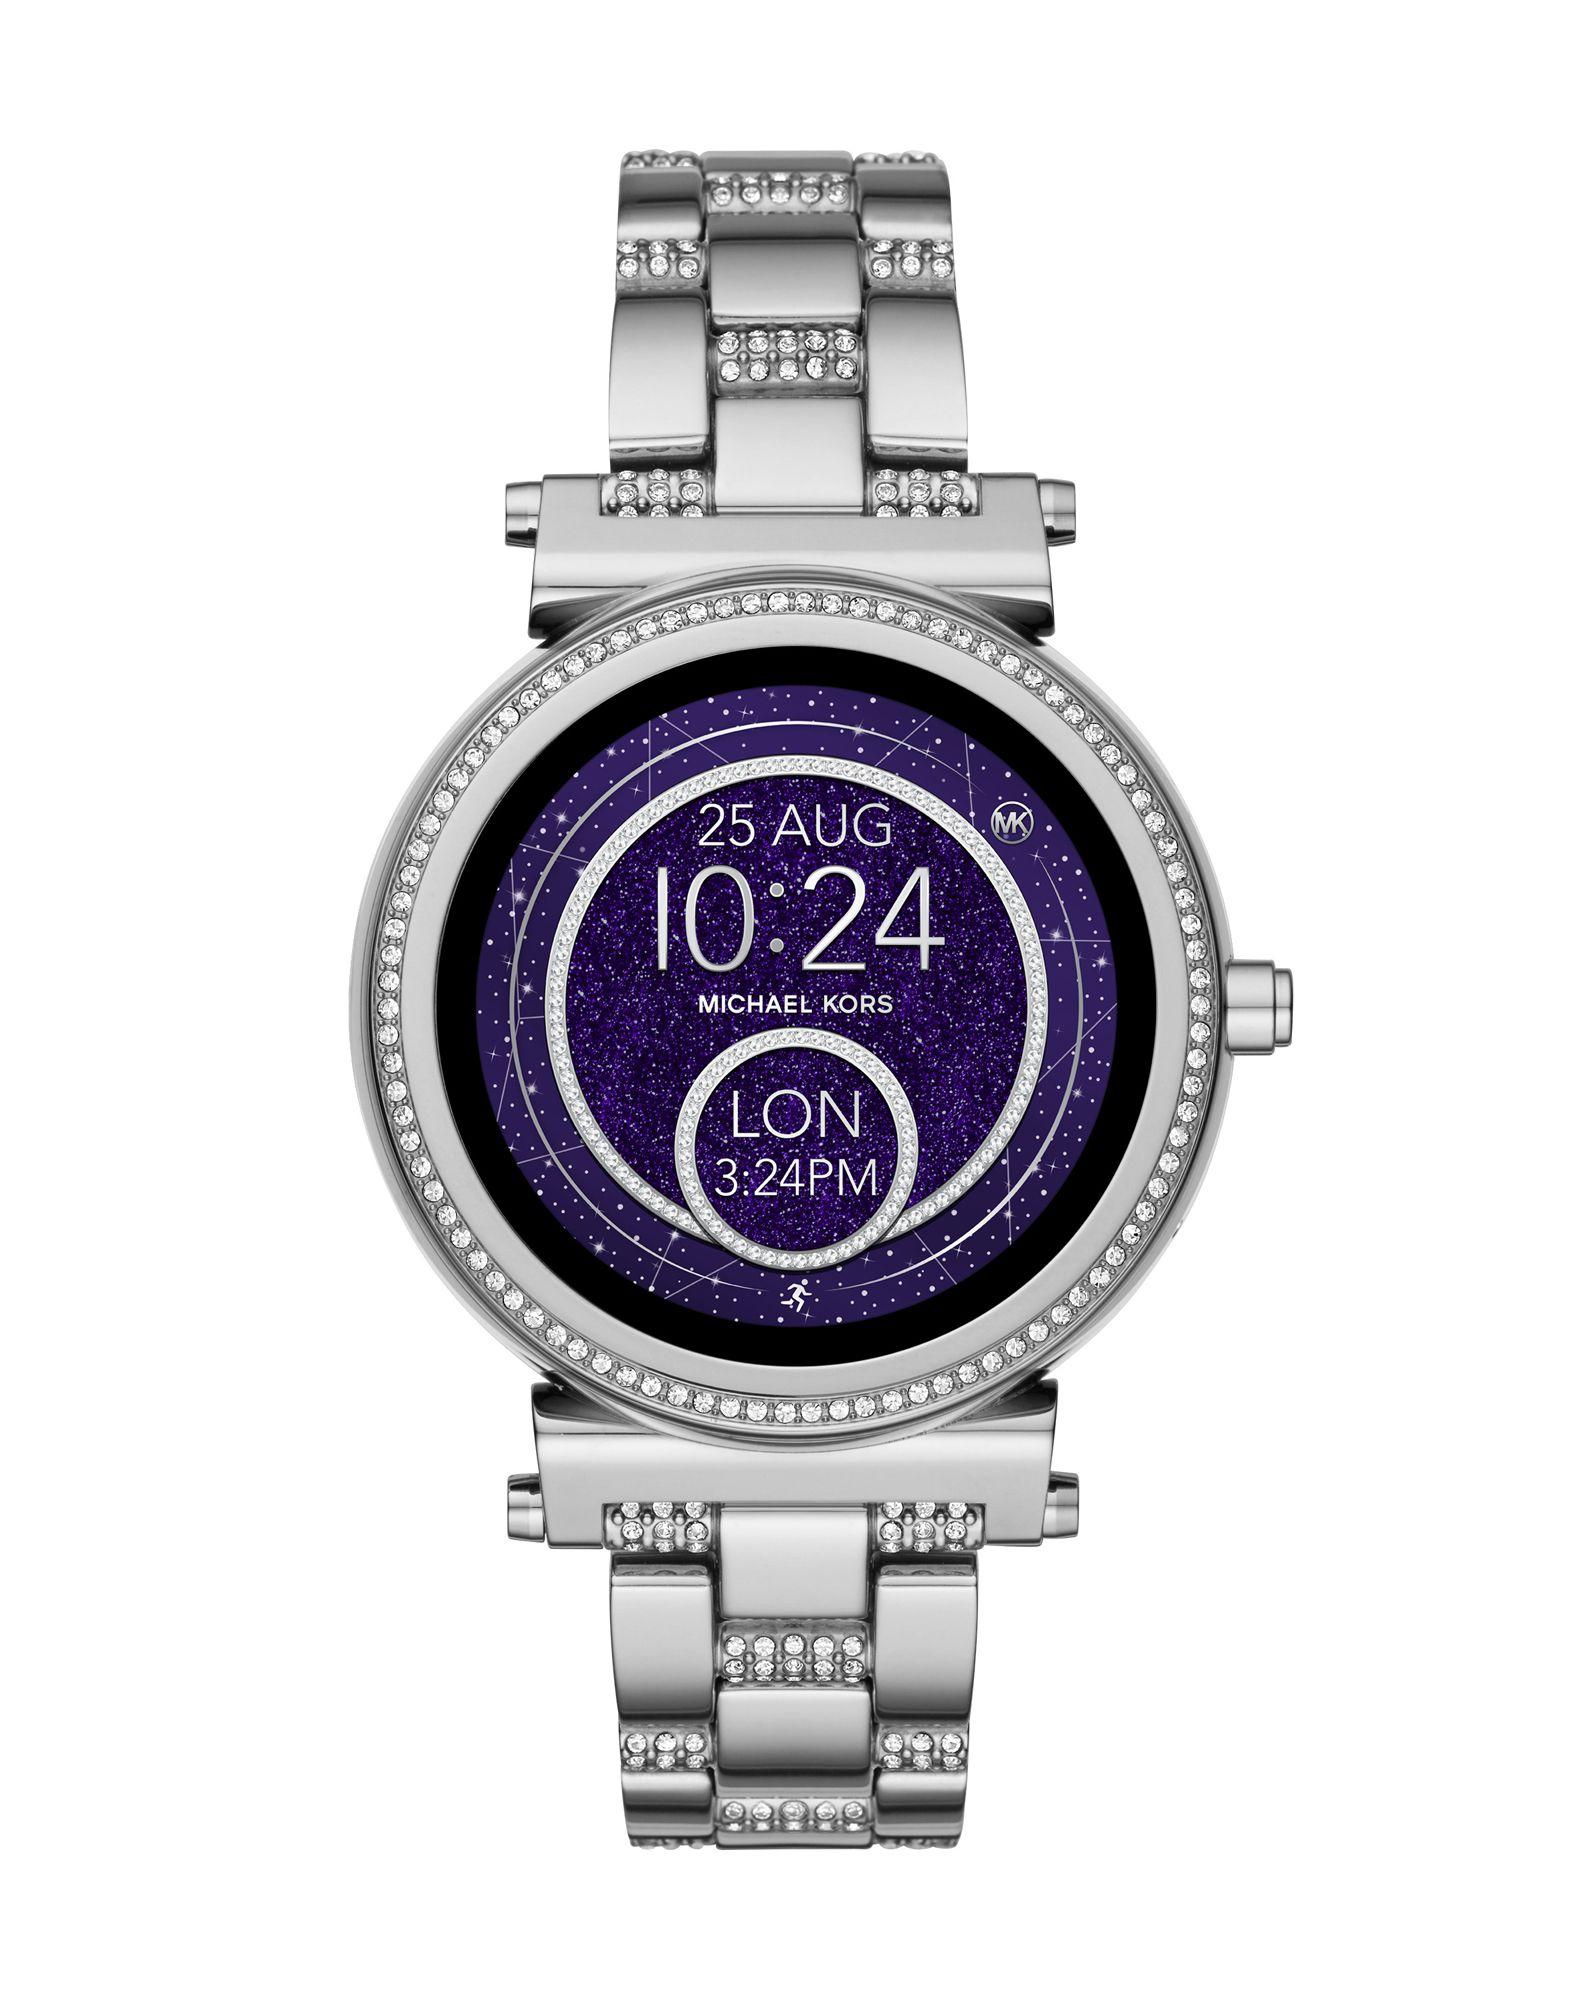 MICHAEL KORS ACCESS Damen Smartwatch Farbe Silber Größe 1 jetztbilligerkaufen